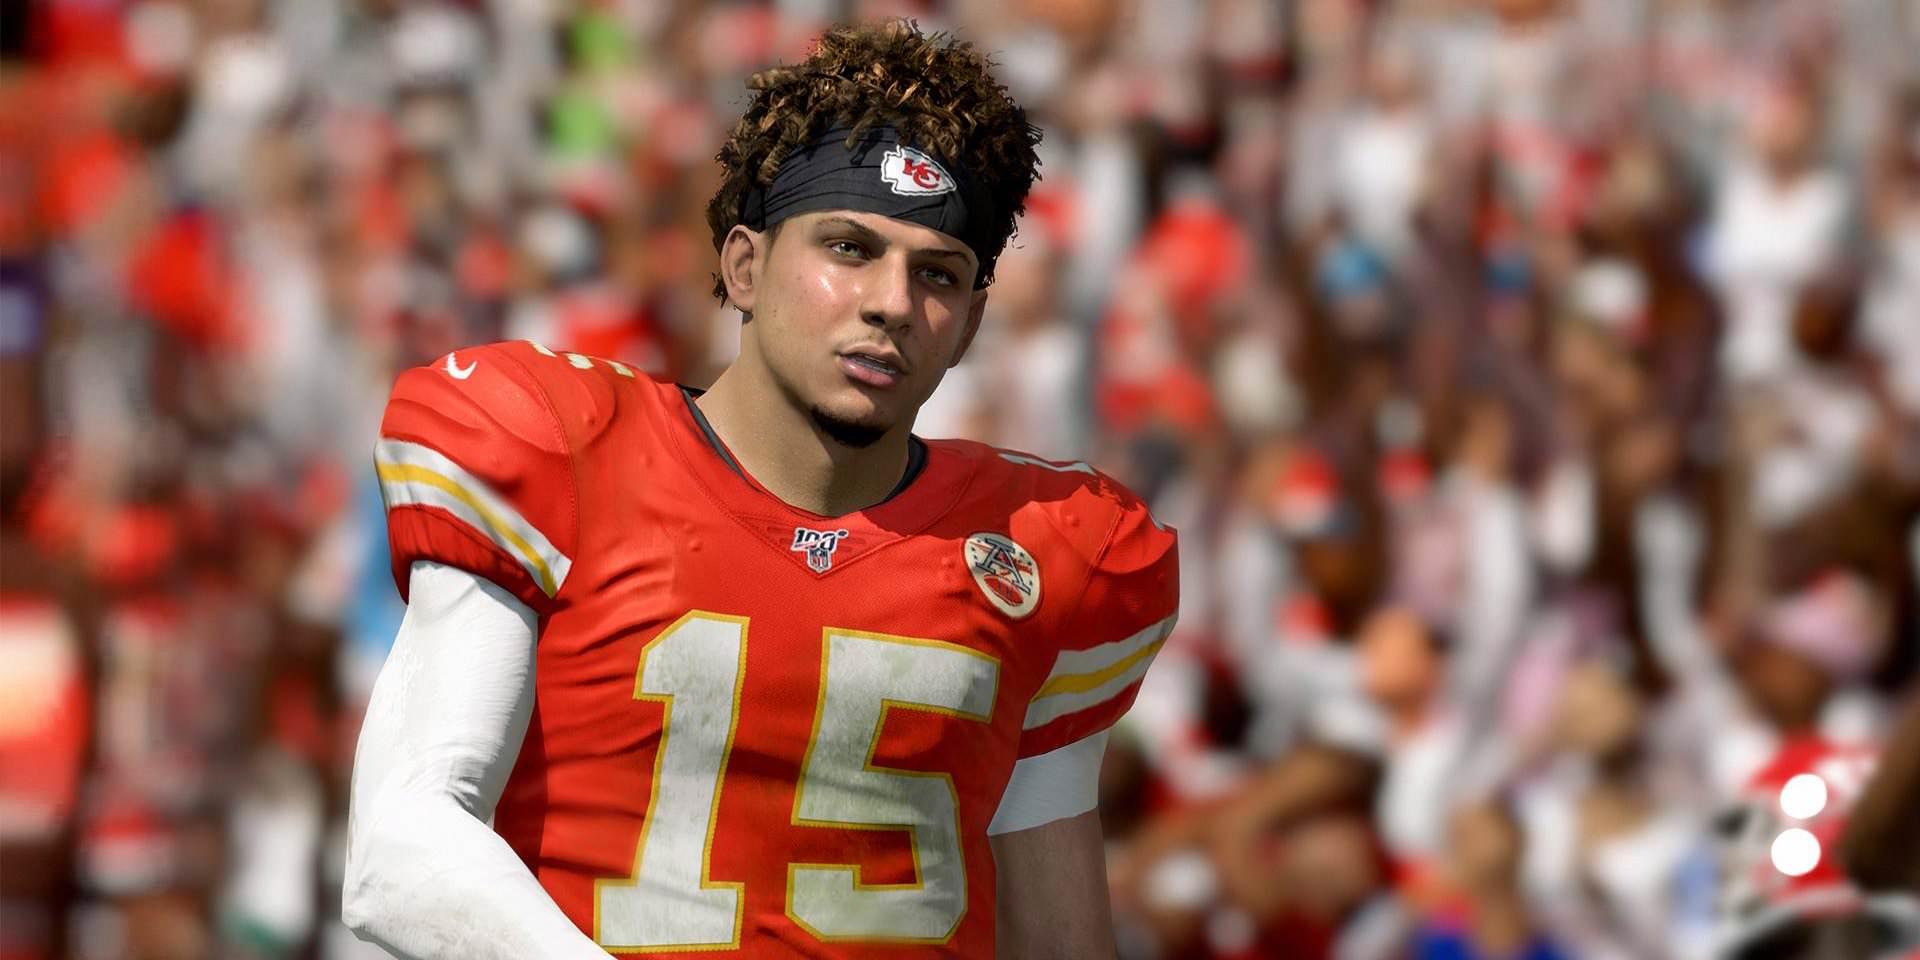 """Estes são os 32 melhores quarterbacks da NFL, de acordo com """"Madden 20"""""""